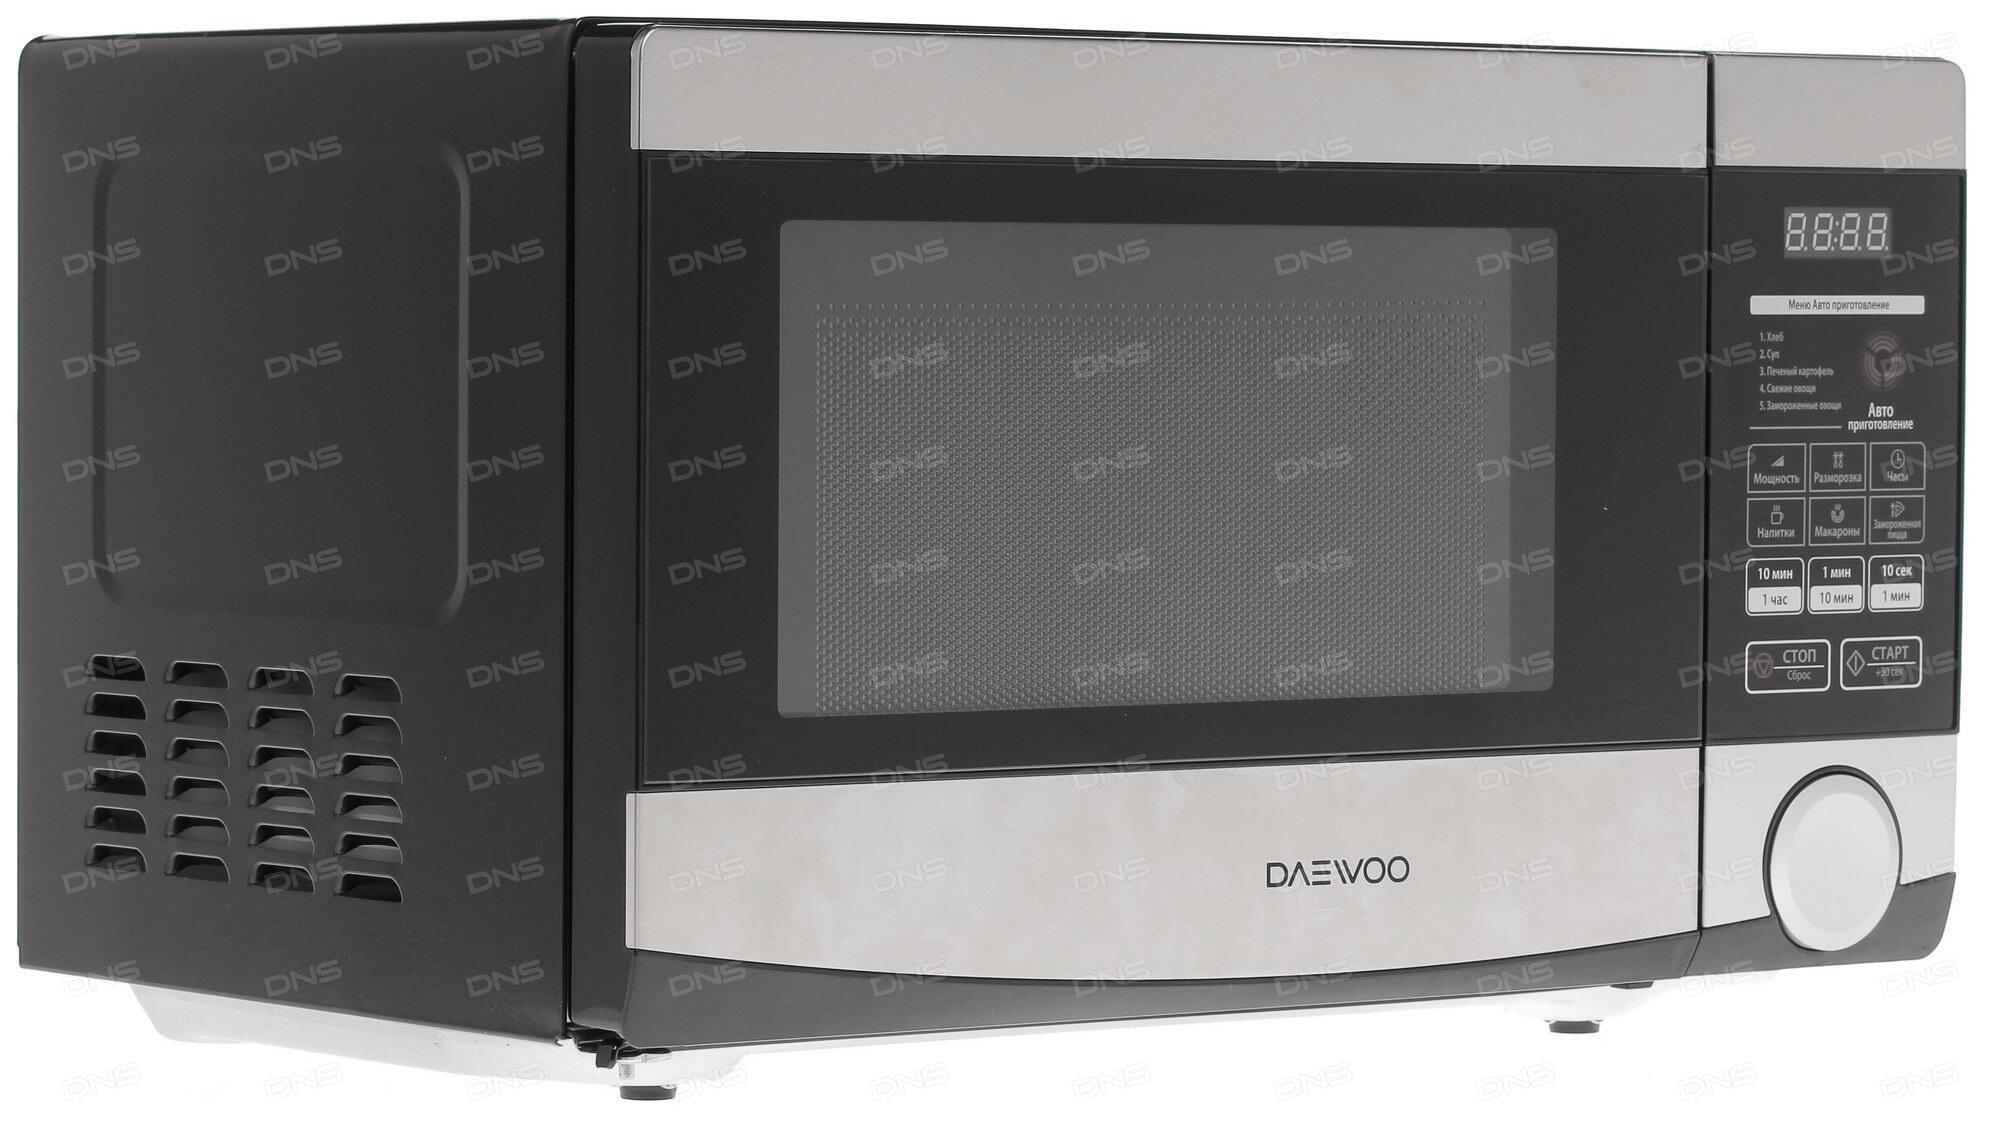 Микроволновая печь DAEWOO KQG-663D 700 Вт чёрный серебристый